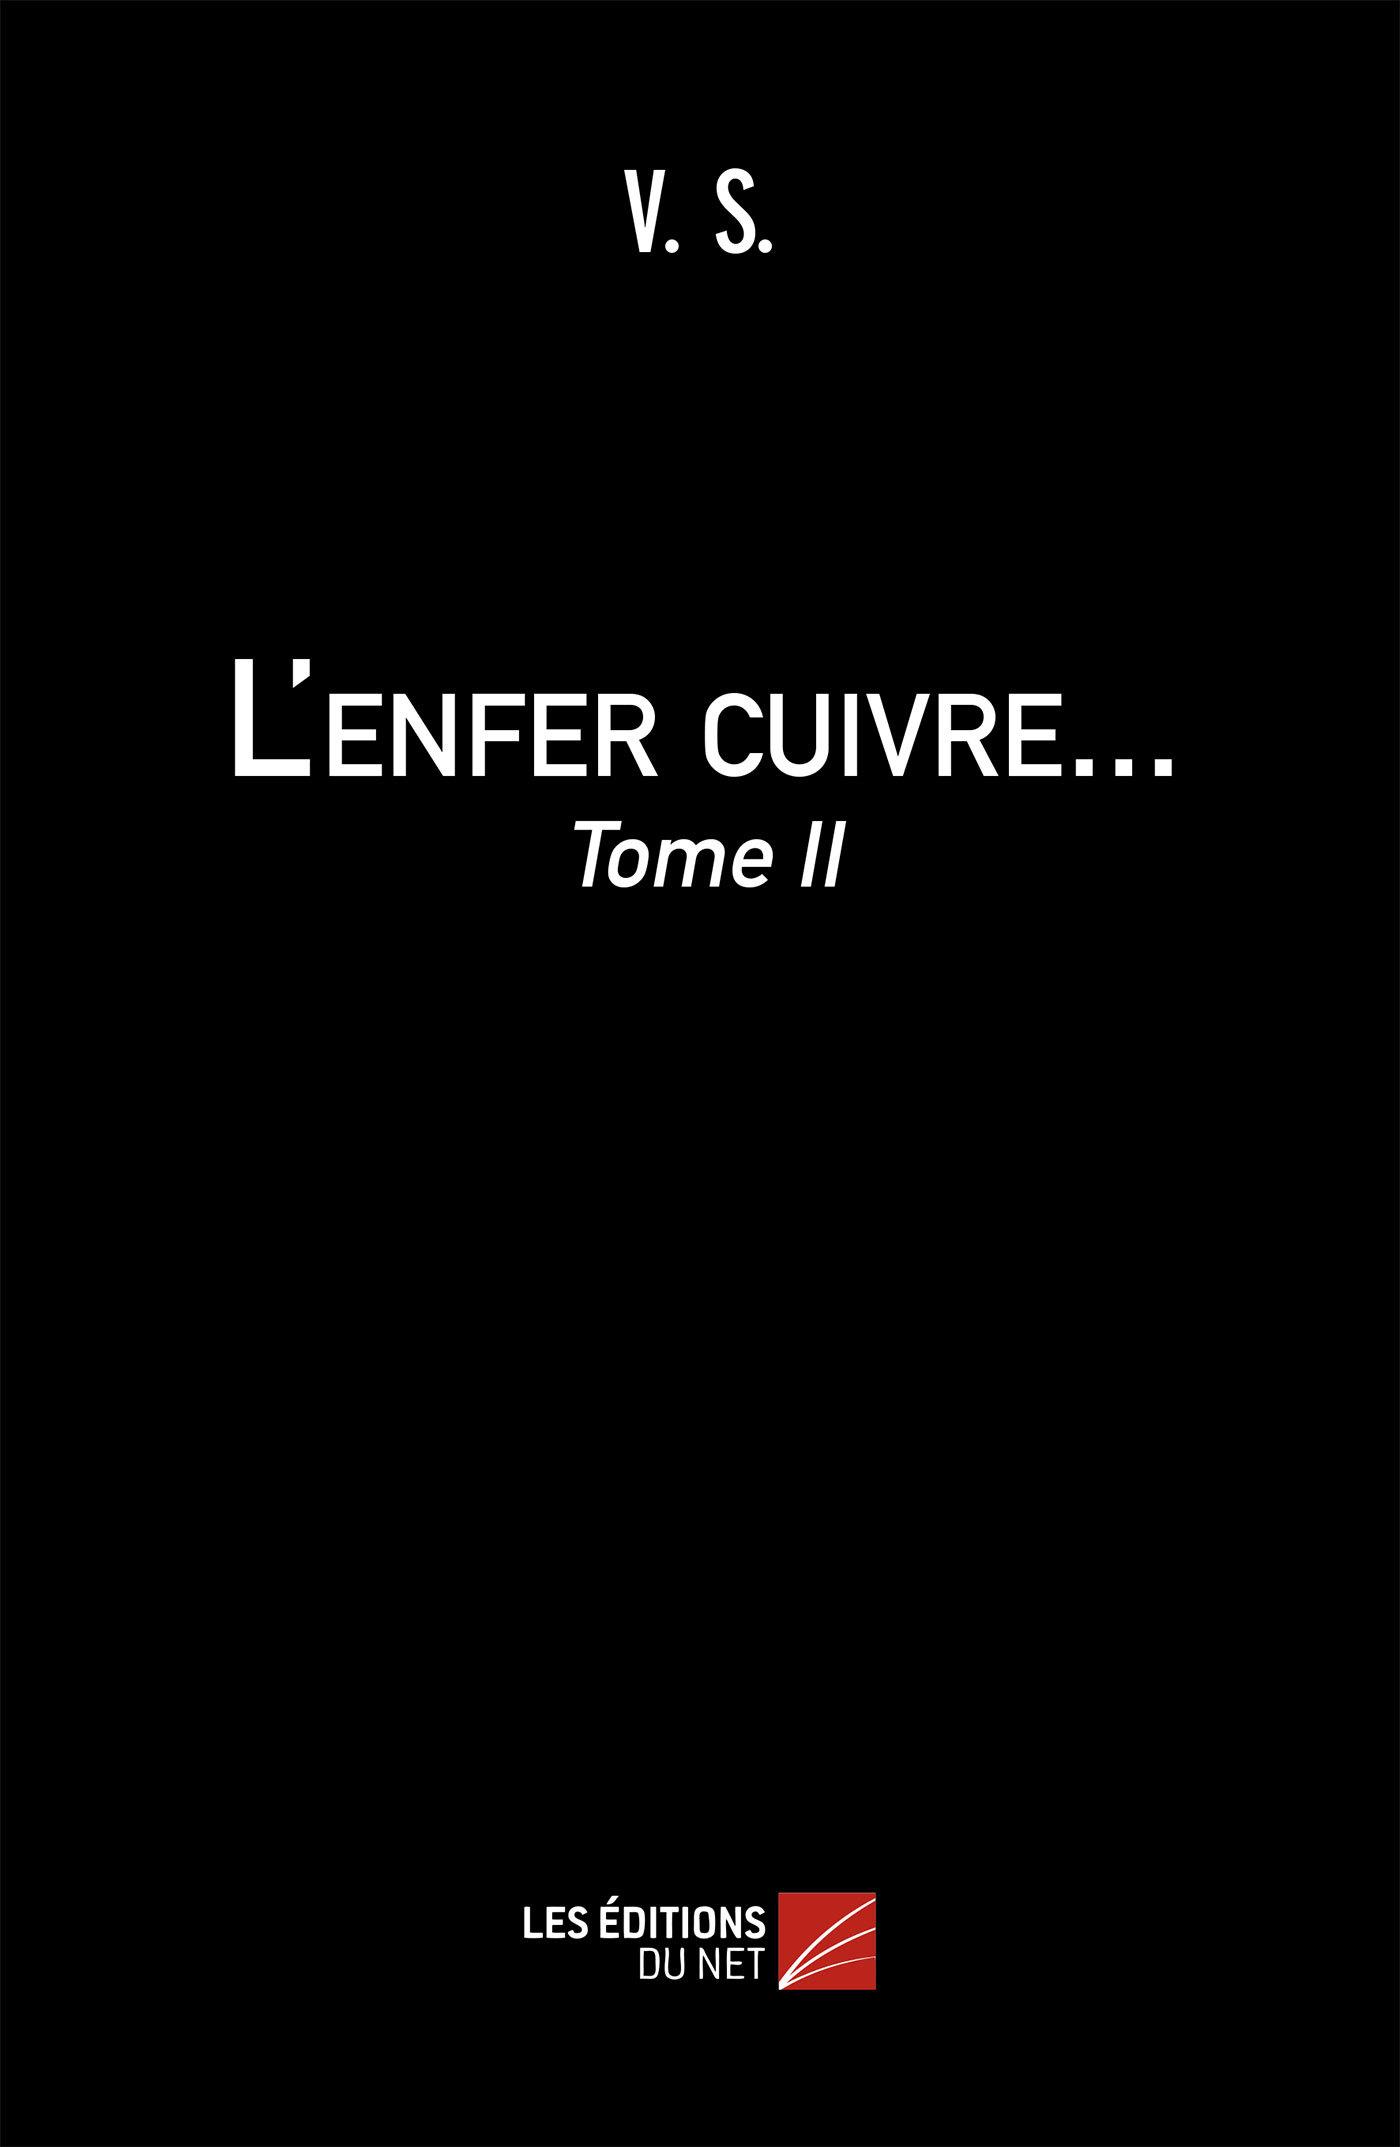 L ENFER CUIVRE - TOME II